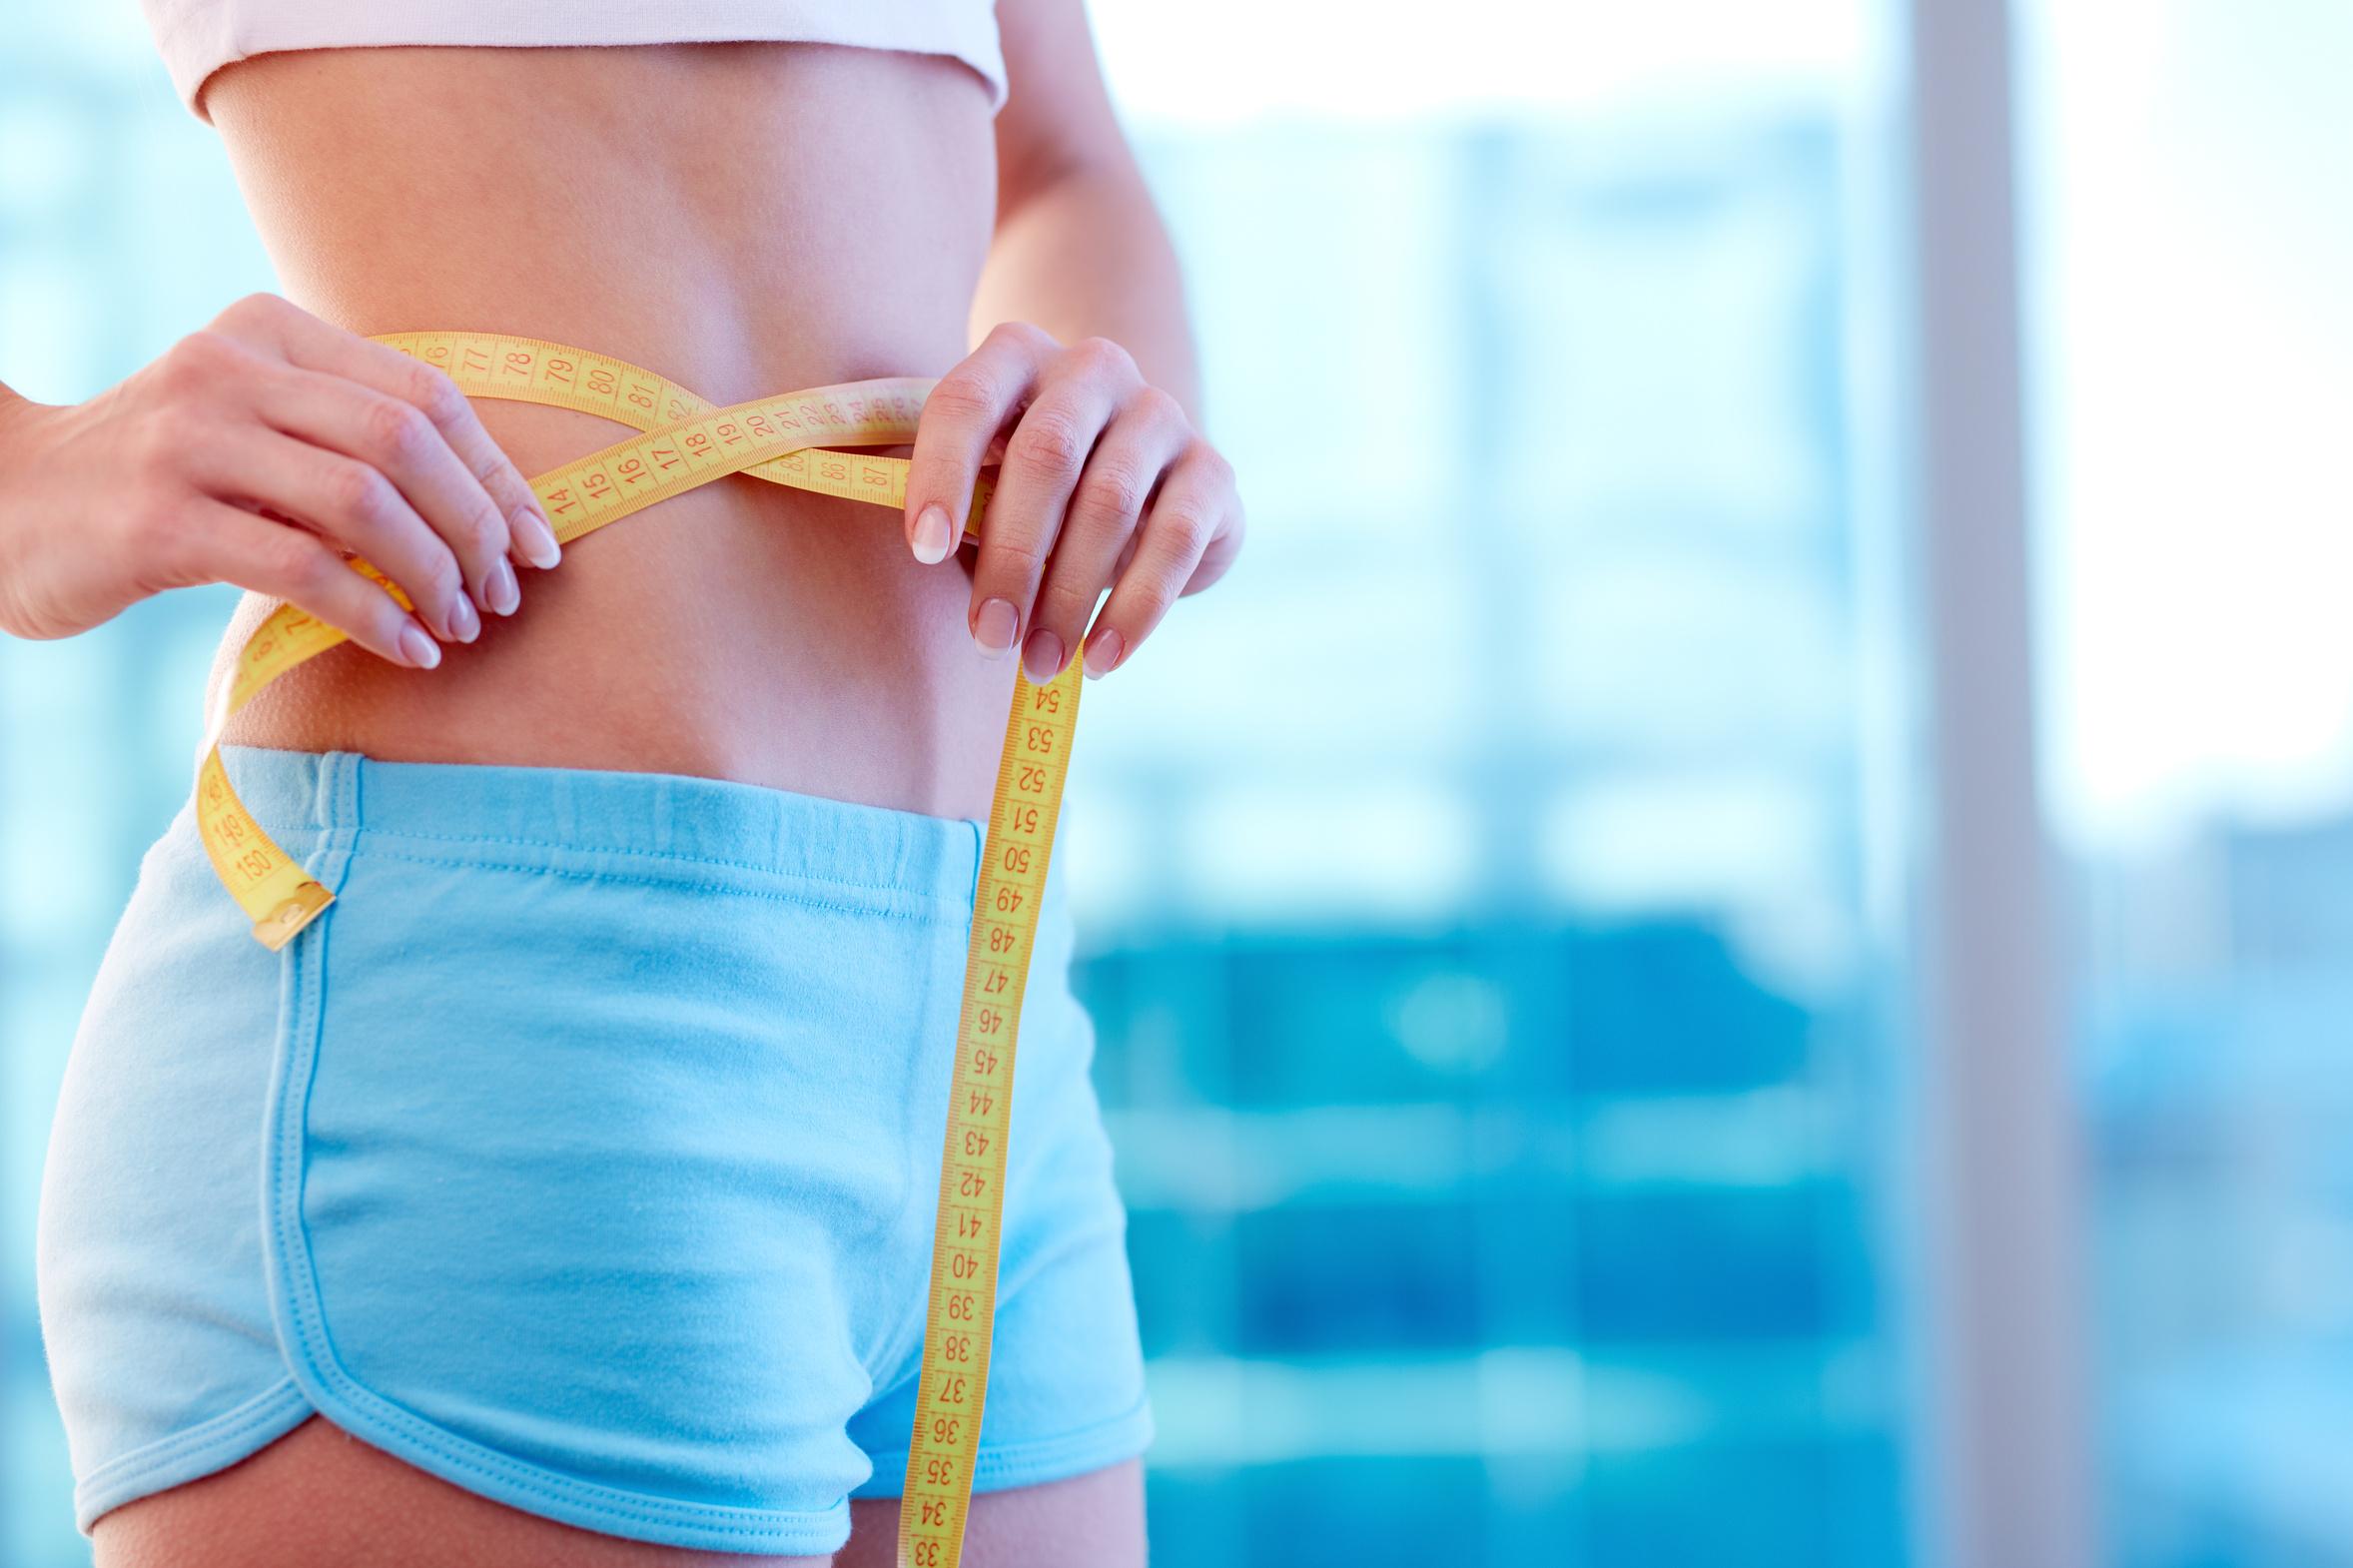 pierdere în greutate dexatrim